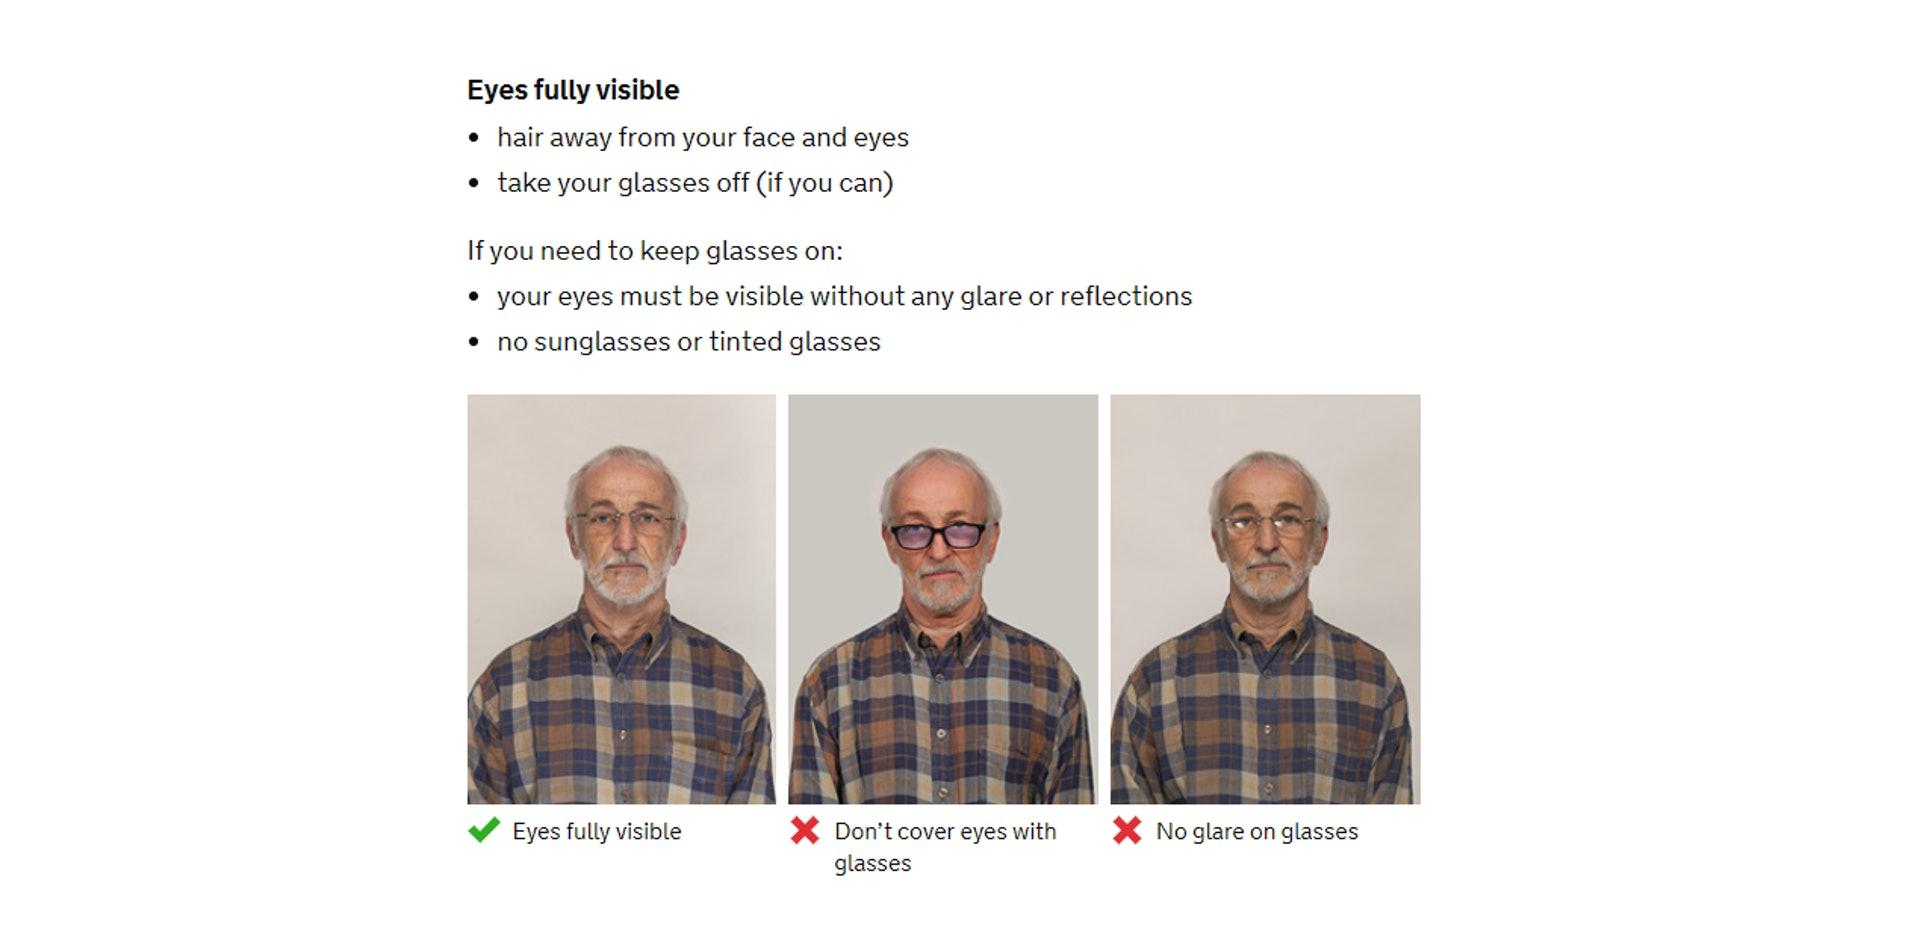 可以載眼鏡,不過最好是不配載,但不能反光﹑有顏色鏡片及遮眼(GOV.UK 網站截圖)